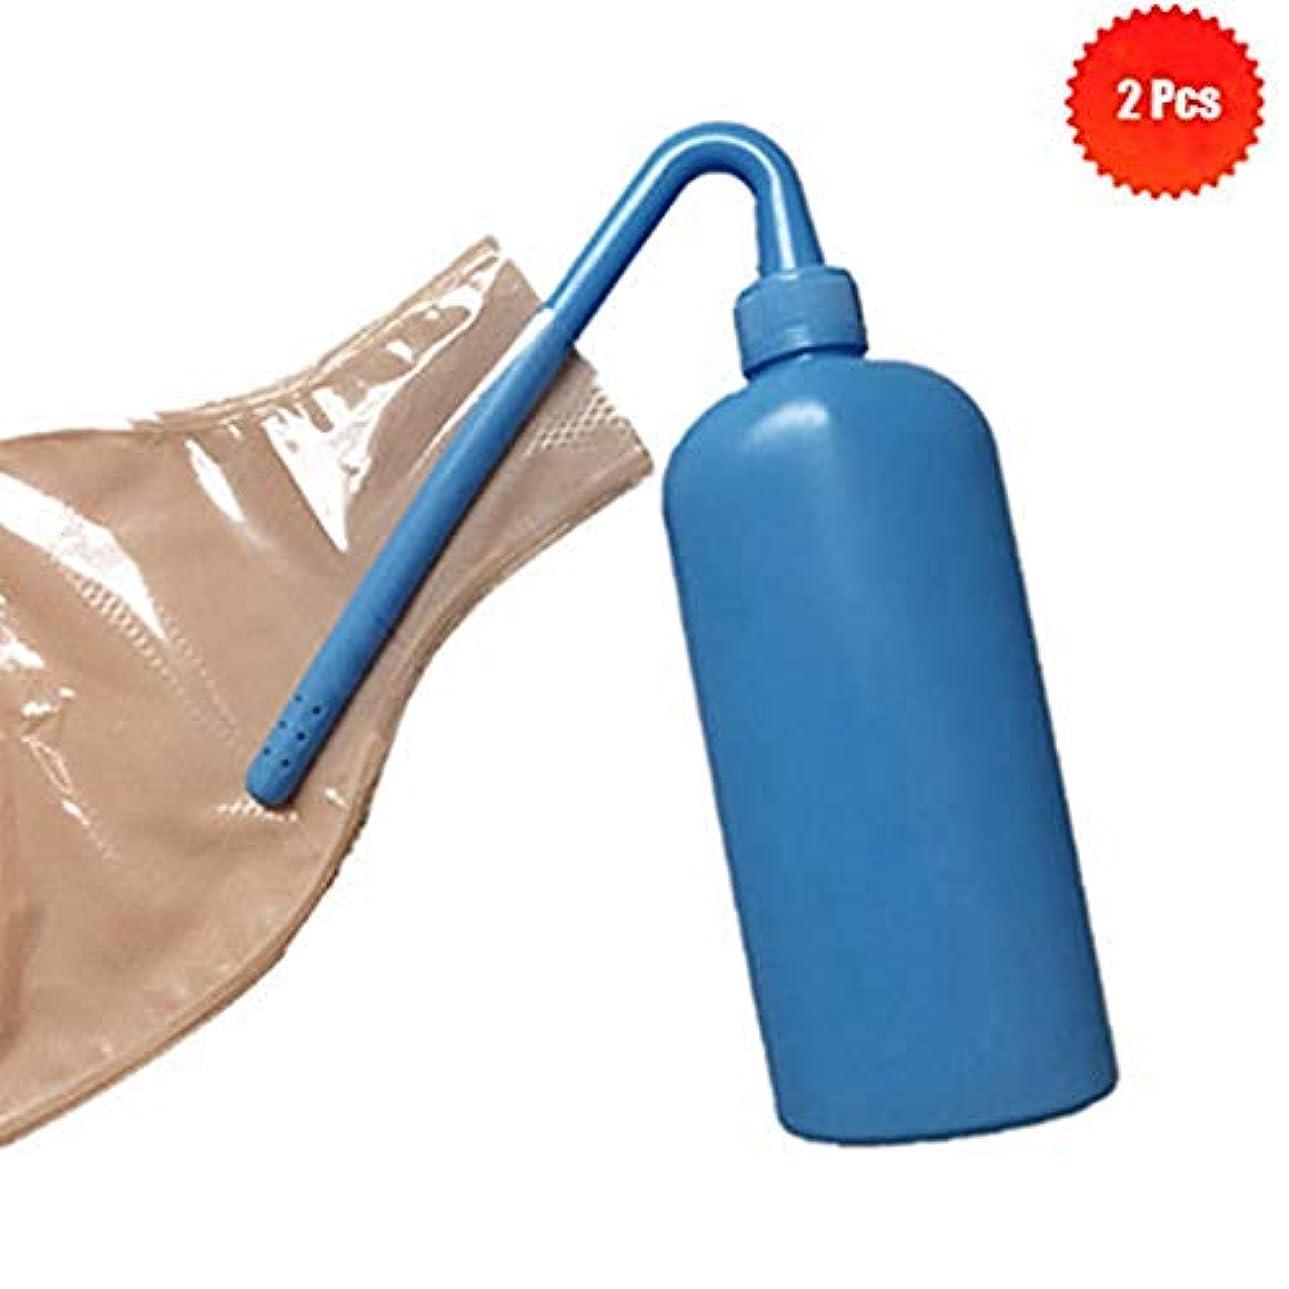 ショッキング平衡してはいけません2個ストーマ袋クリーナークリーニングボトルストーマ袋スツールバッグ特別なクリーニングストーマケア製品ストーマリンスポット、350ML